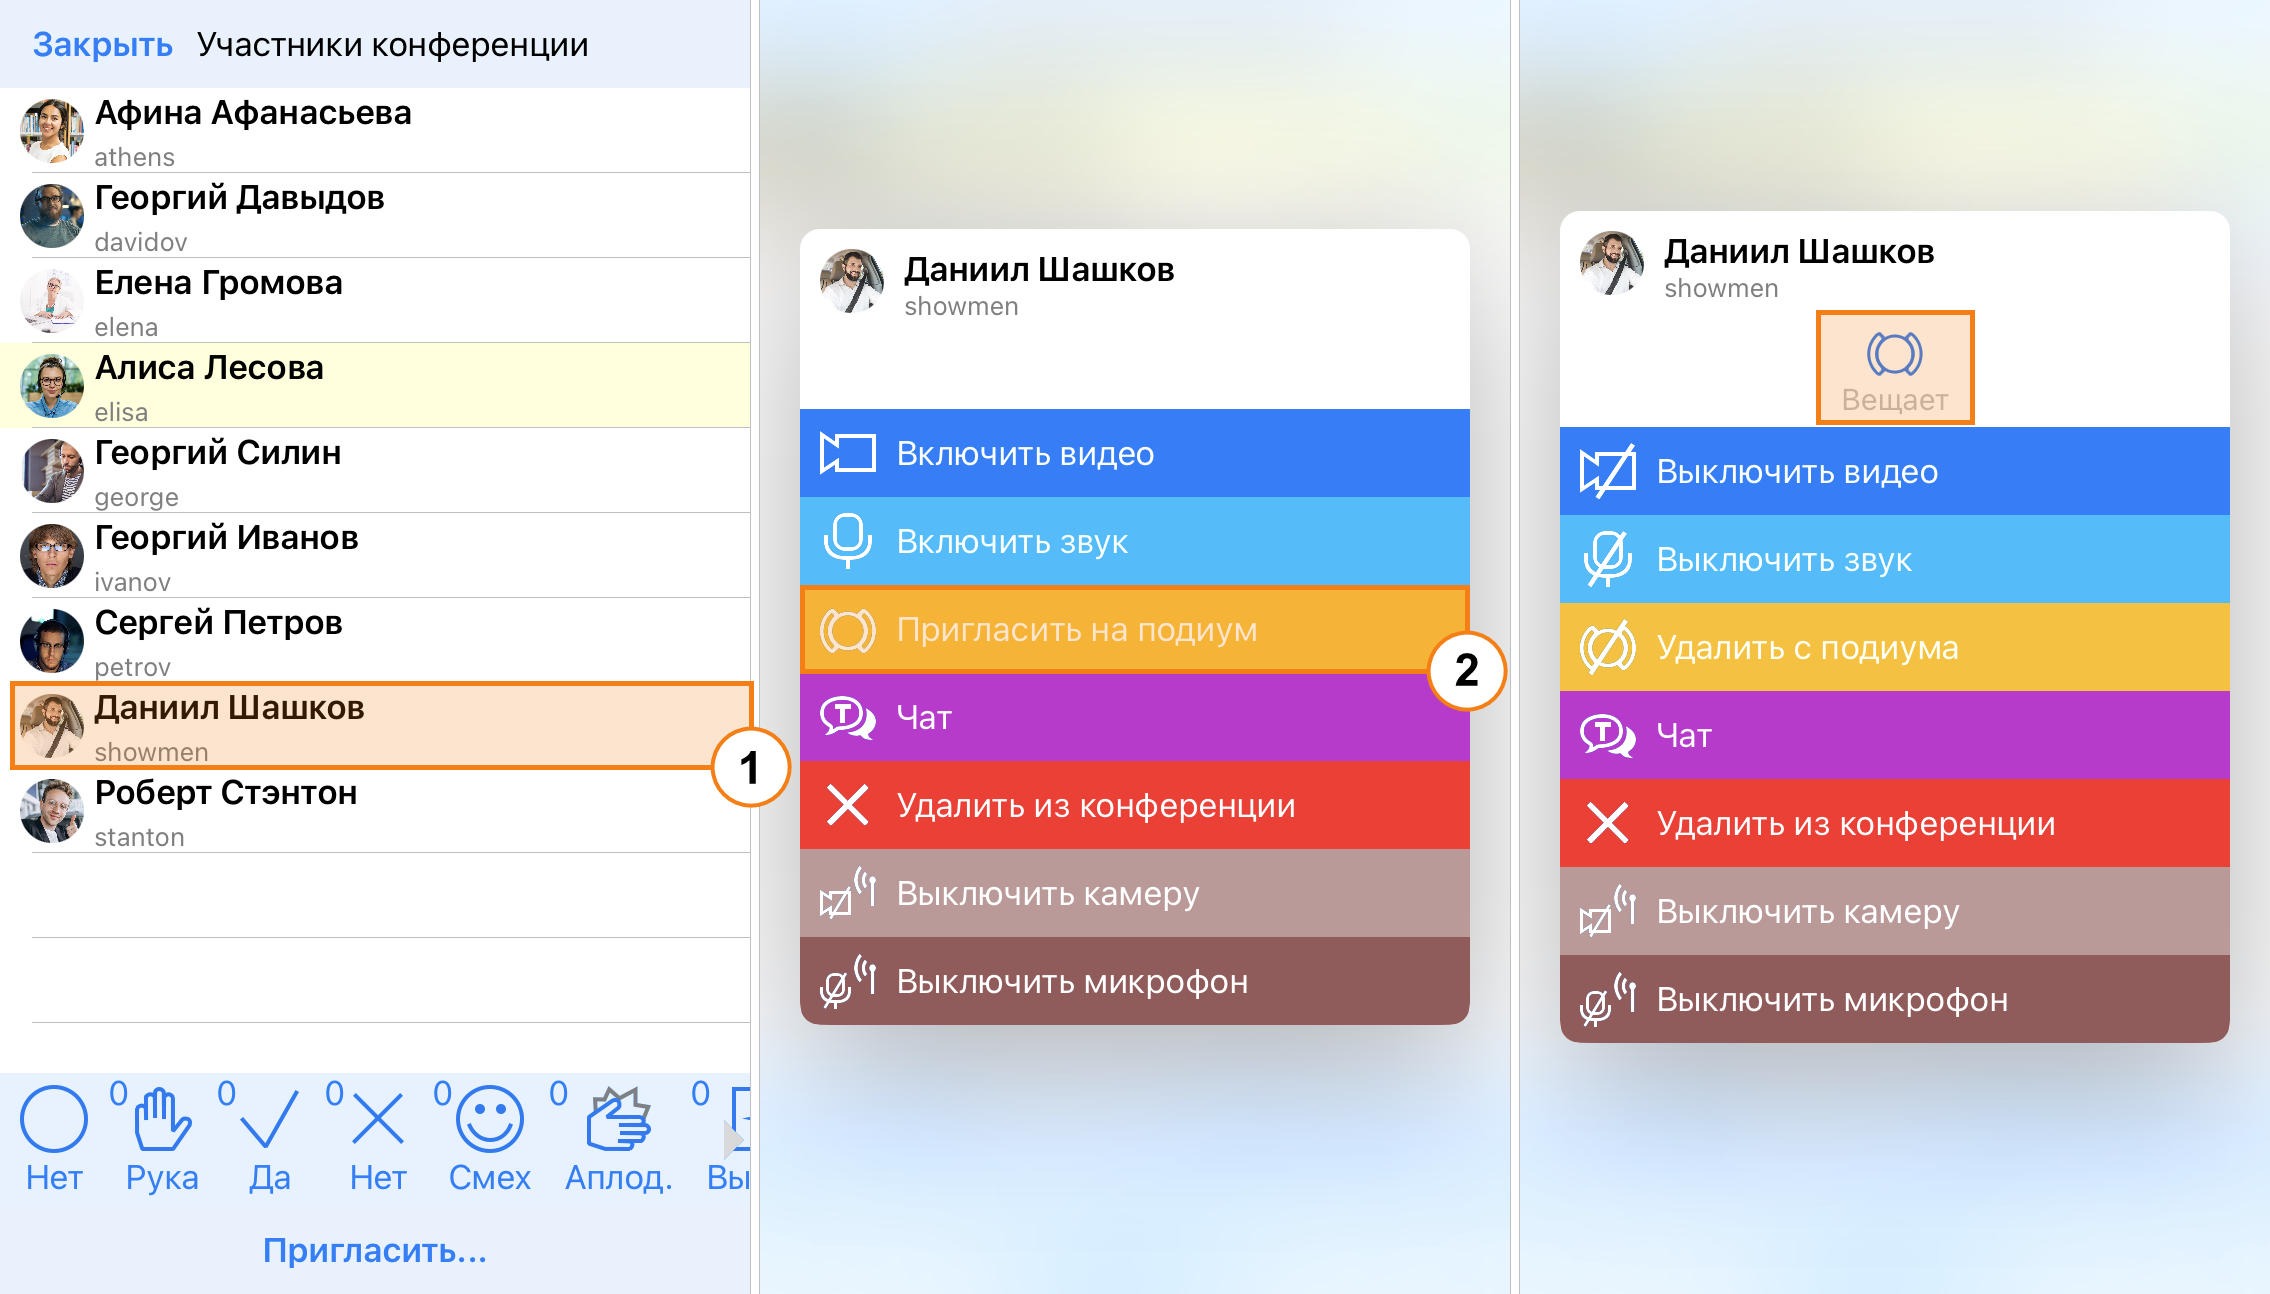 Персональные и групповые конференции в приложении для iOS 3